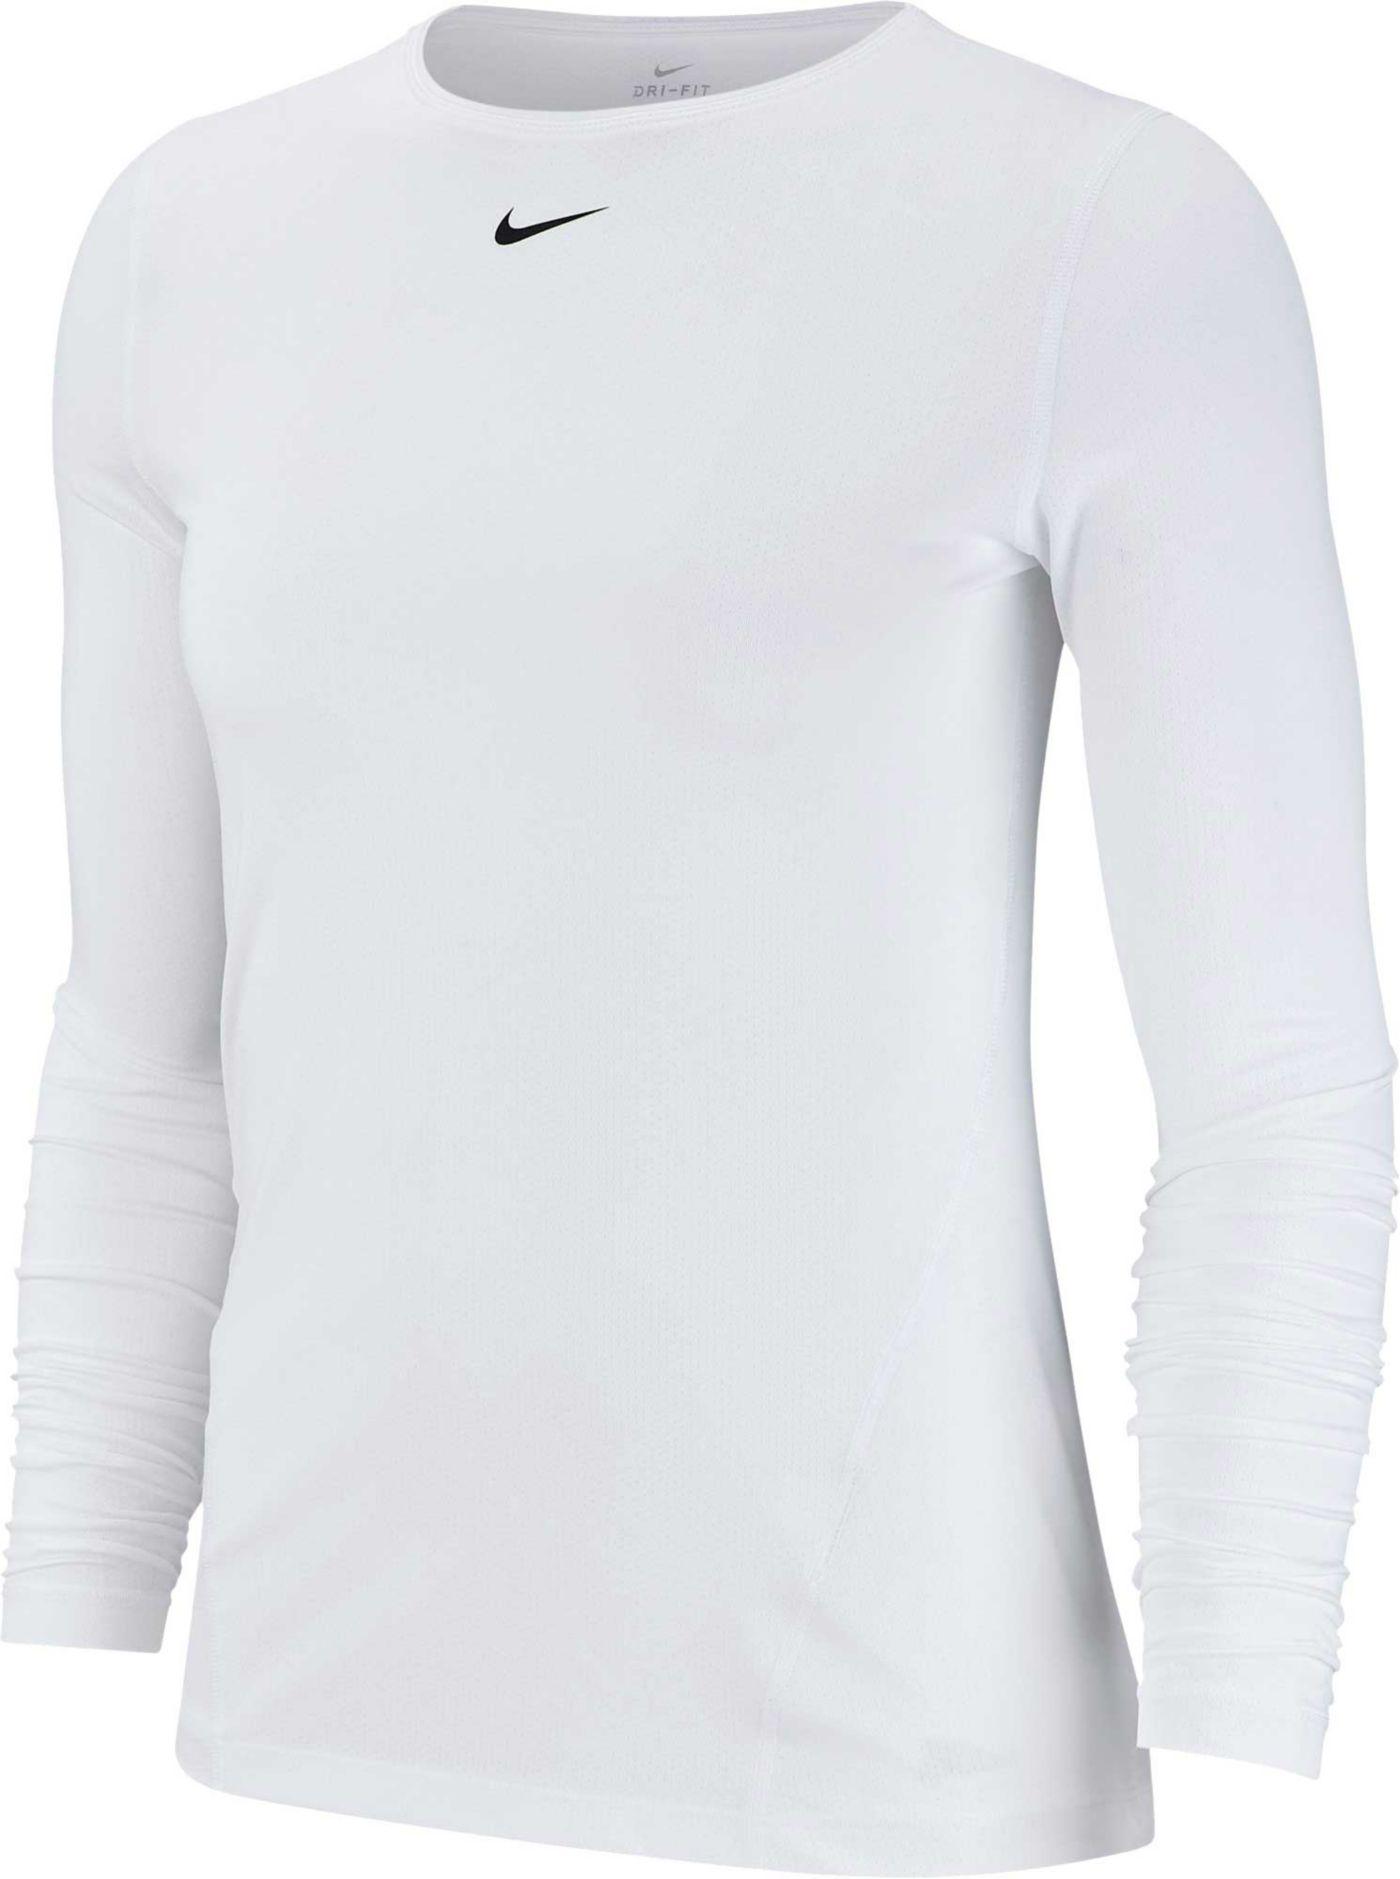 Nike Women's Pro Mesh Long Sleeve Training Top